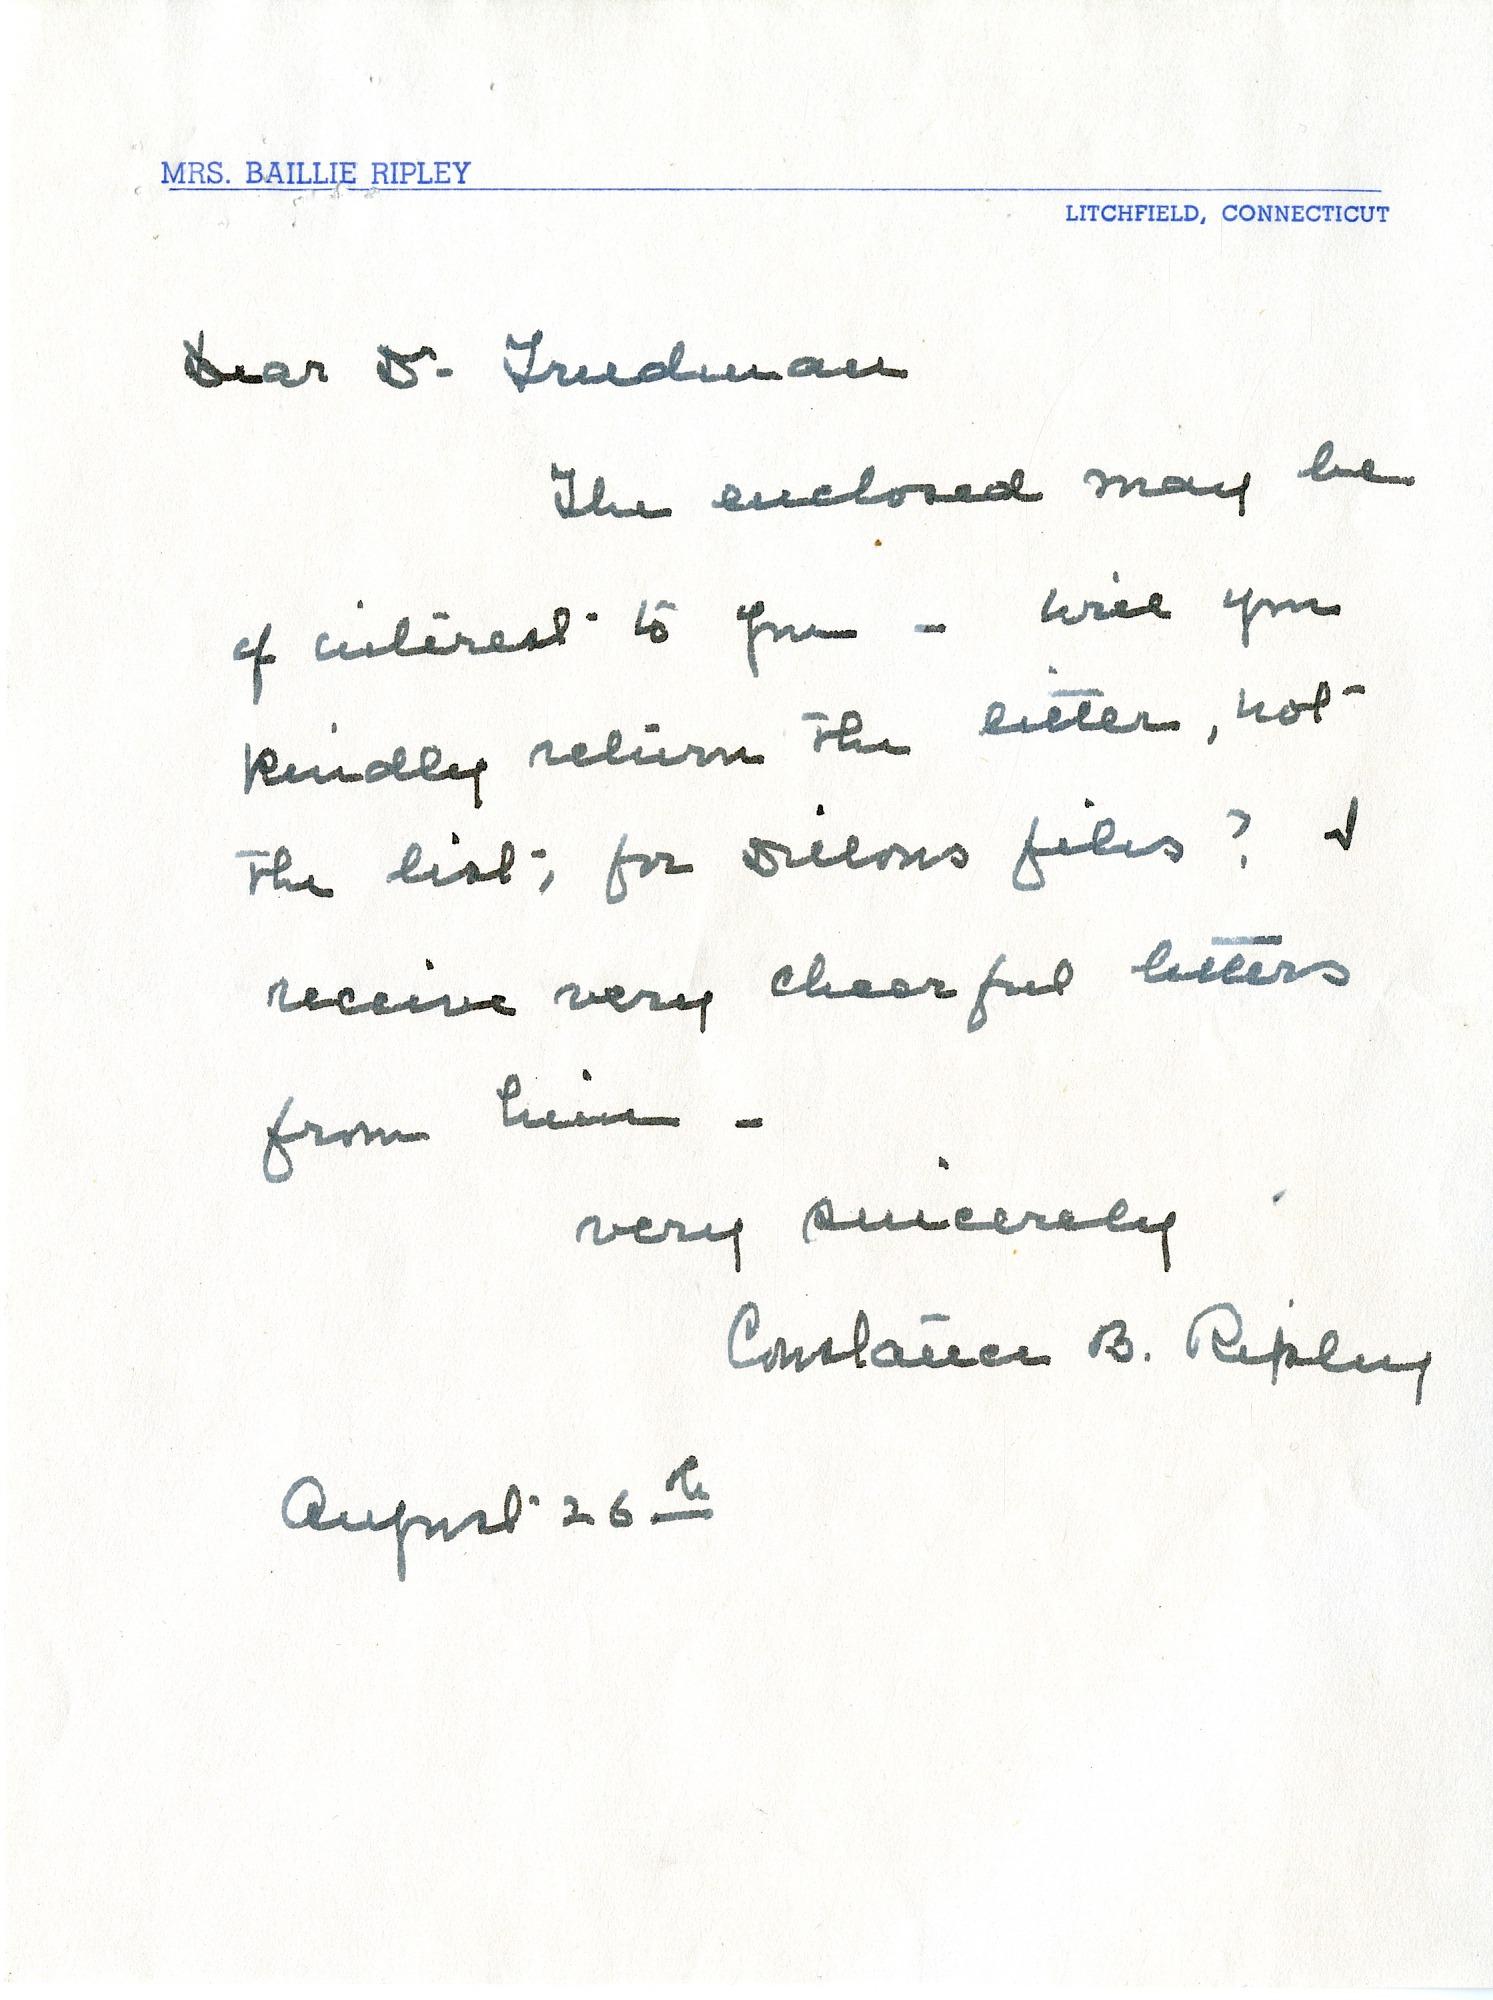 Letter from Mrs. C. B. Ripley to Herbert Friedmann